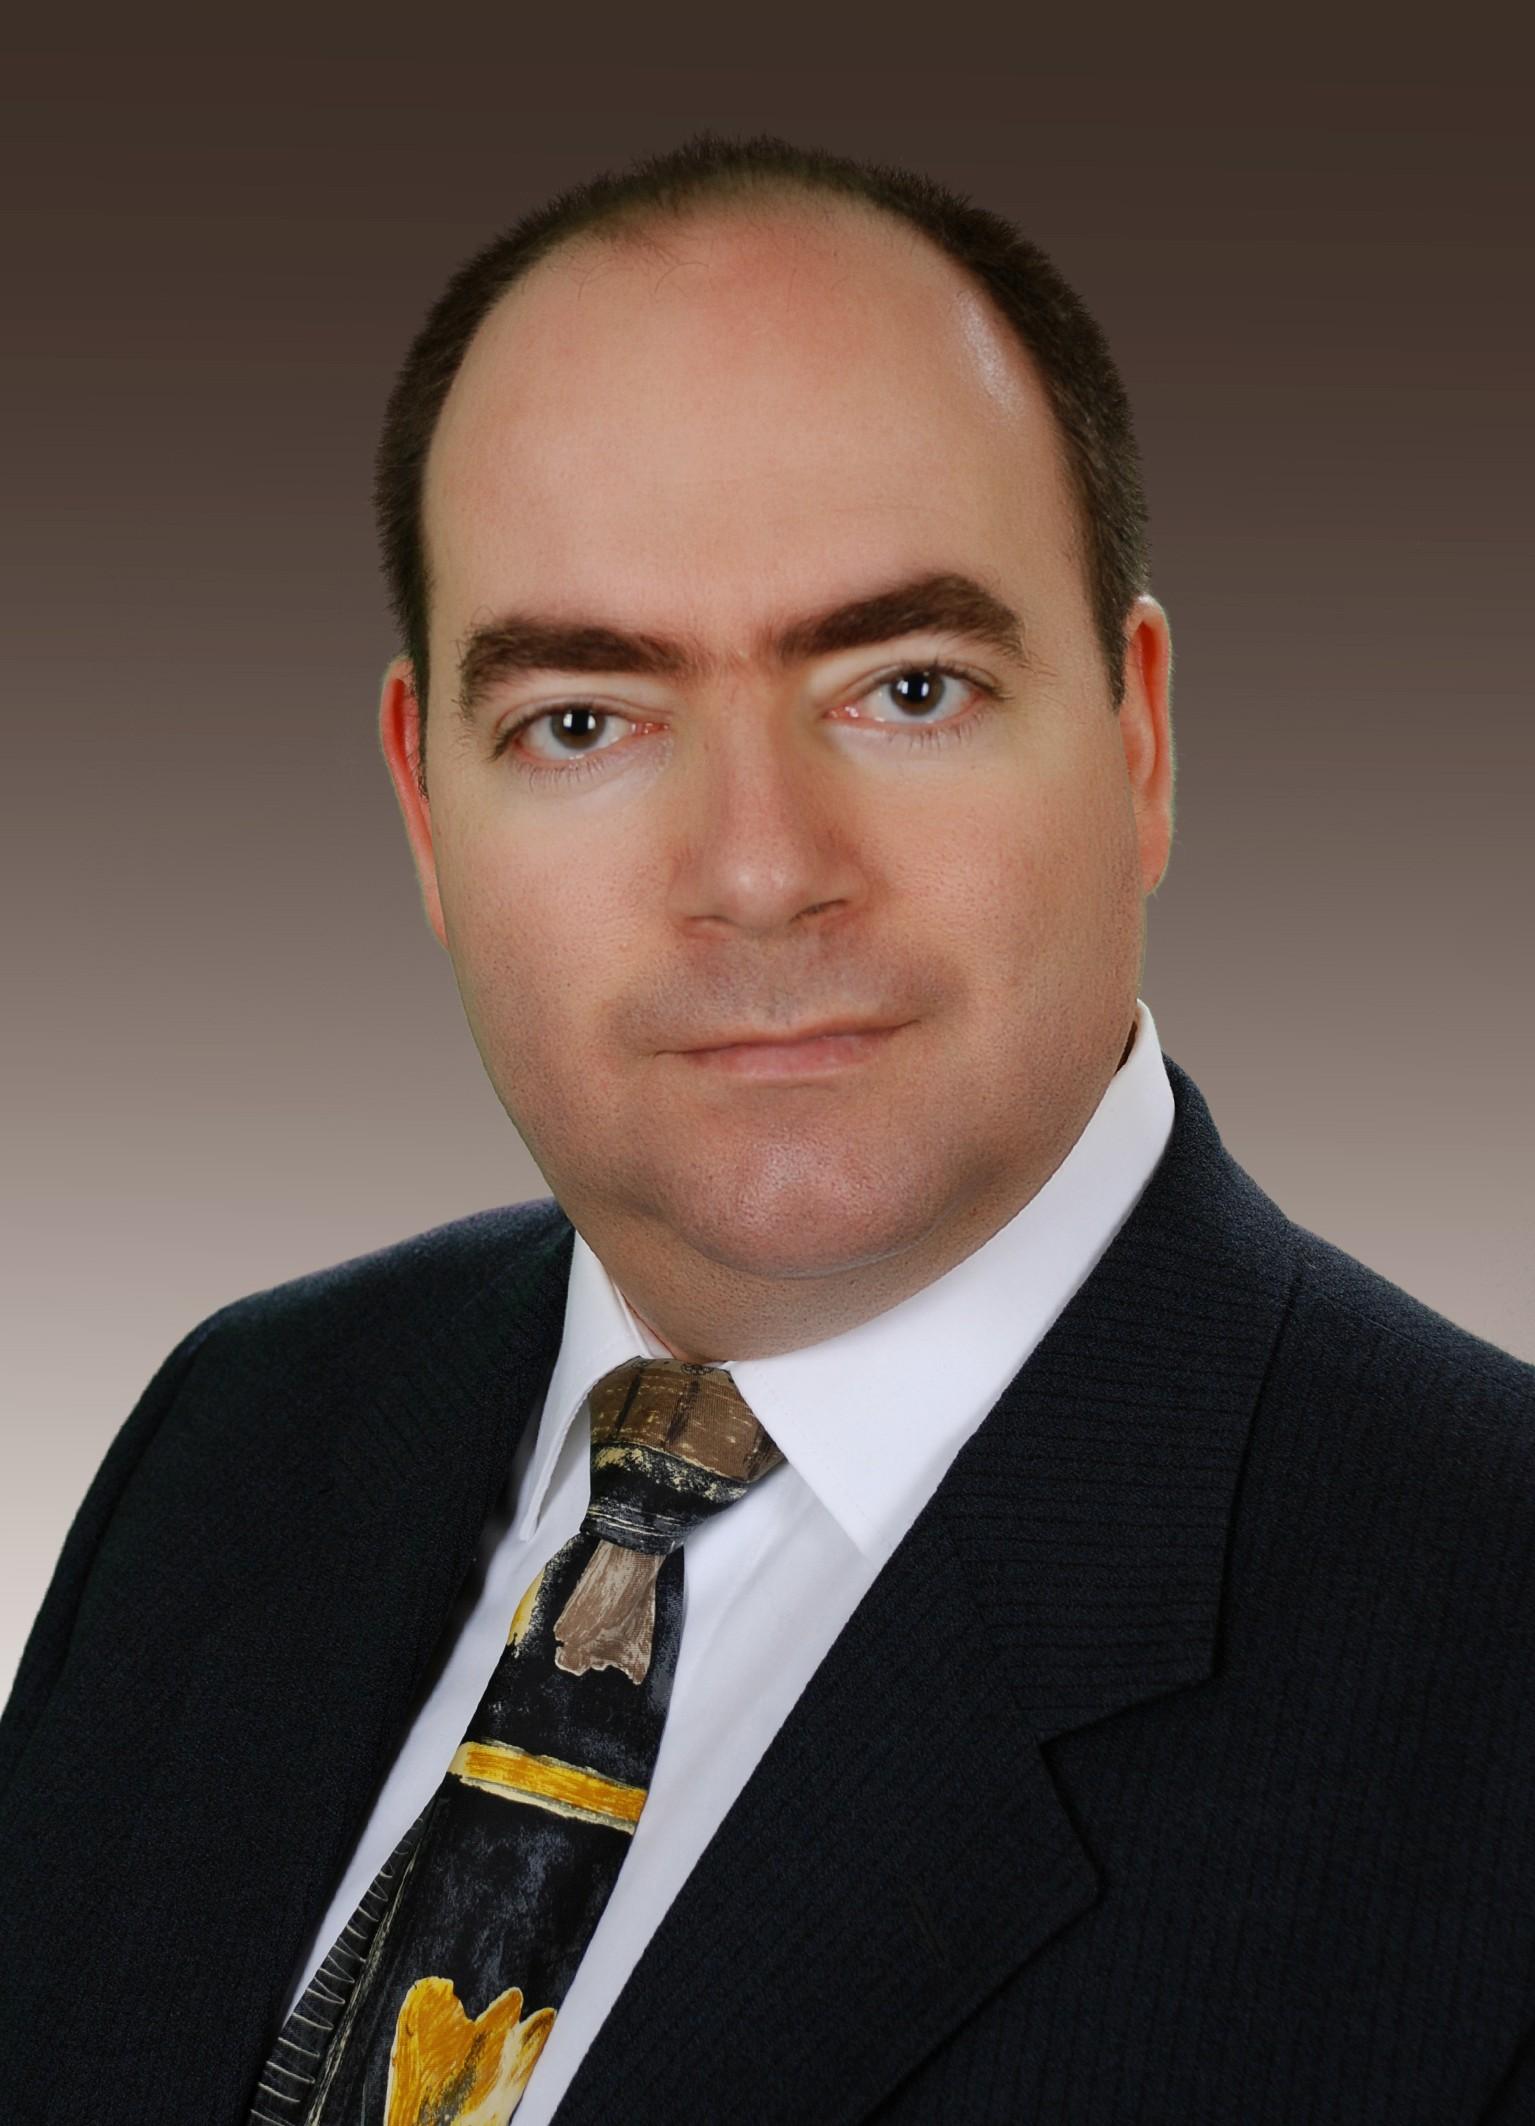 Rechtsanwalt Kraft